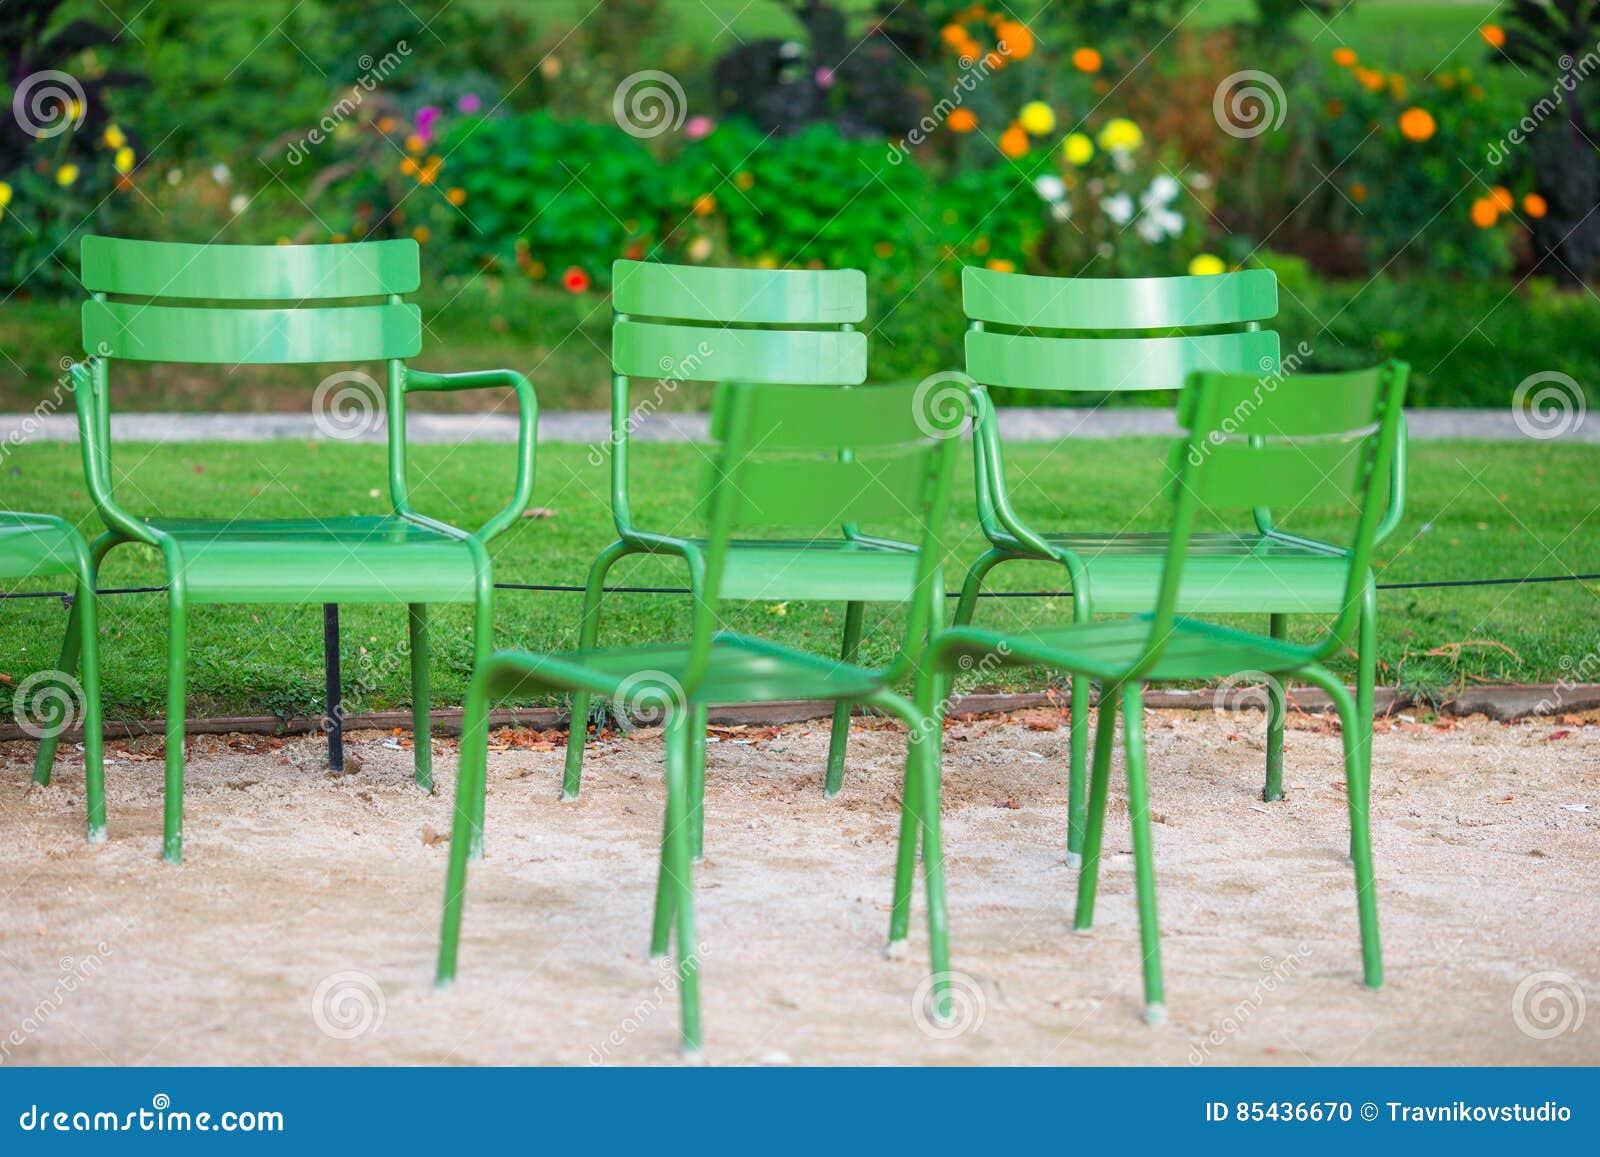 Les Tuileries Font Traditionnelles Du Chaises Dans Vertes Le dCExrBeQoW